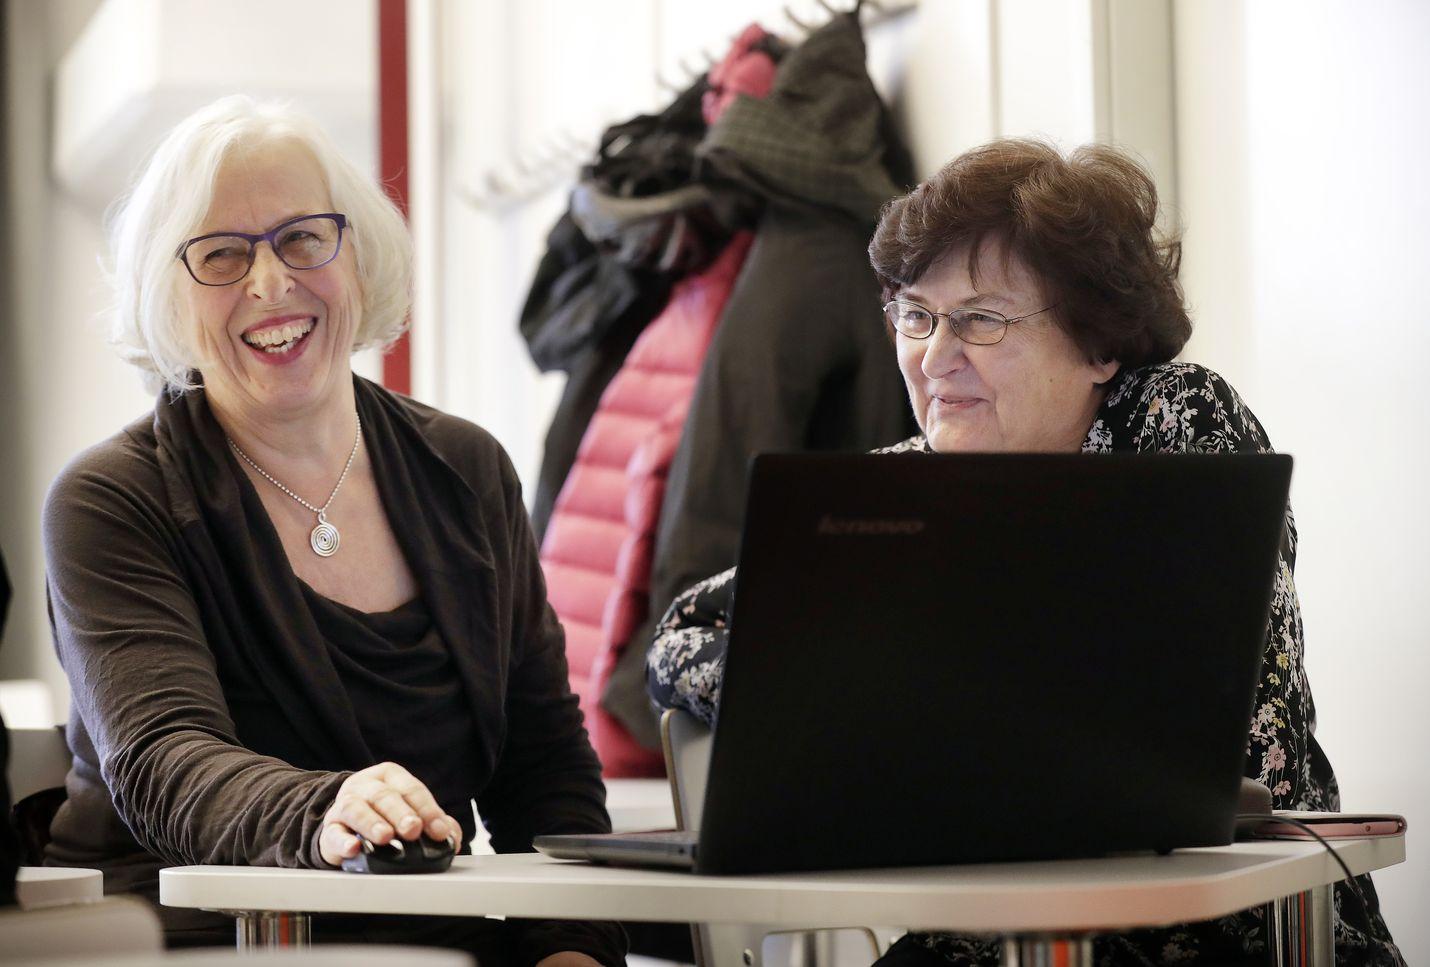 Serkukset Tuula Kaan-Toropainen ja Helena Kujanperä eivät innostu Omaolo-palvelusta. He arvelevat, että sähköisen palvelun käyttöön on vaikea houkutella vanhempaa ikäpolvea.